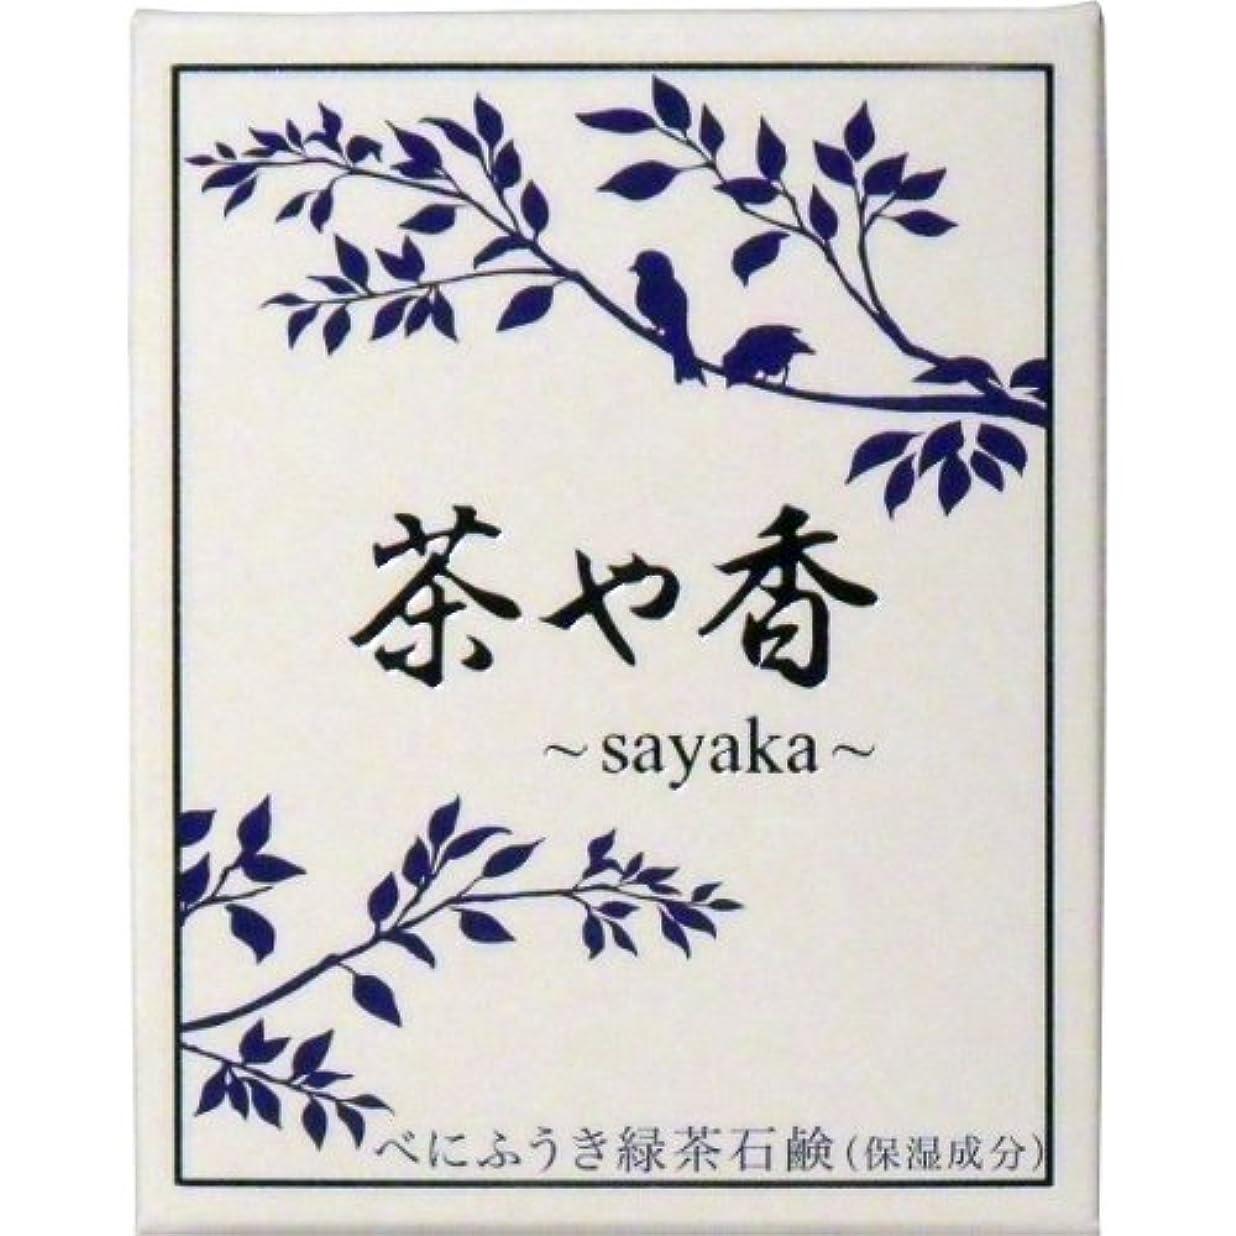 モロニック縫い目コーンウォール茶や香 -sayaka- べにふうき緑茶石鹸 100g入 ×8個セット